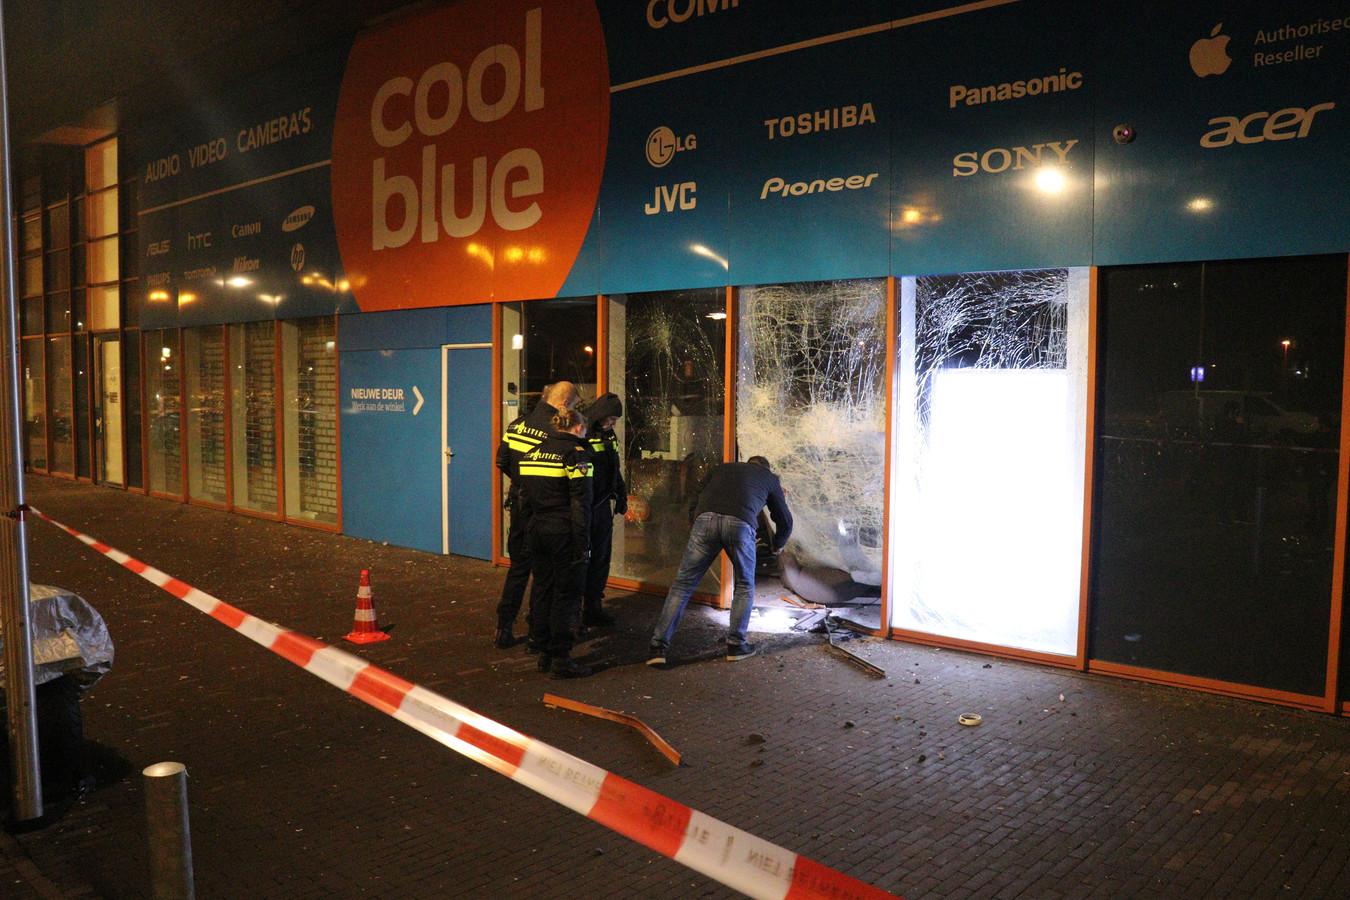 Voor de tweede keer in een jaar tijd was het Coolblue-filiaal aan het Europaplein doelwit van een kraak.